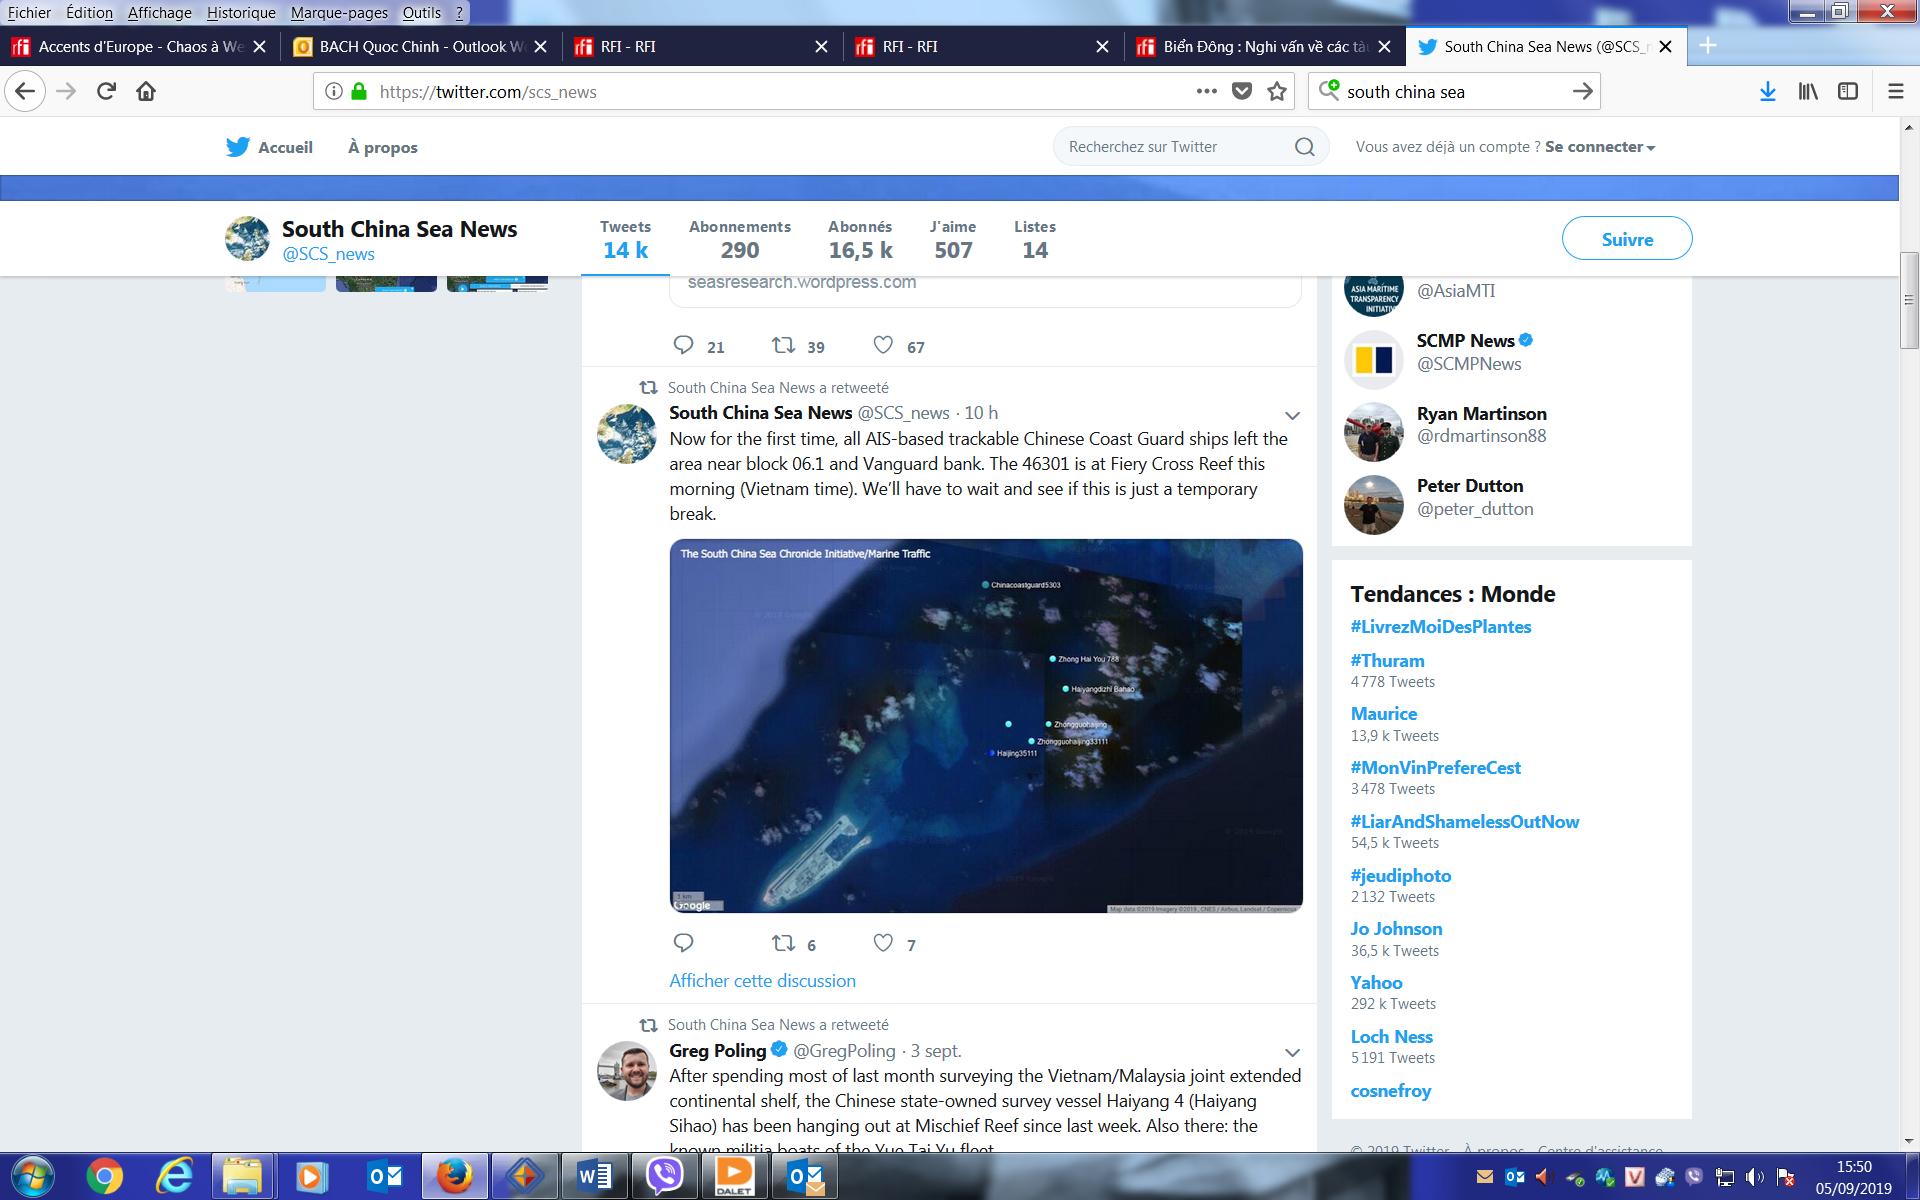 Chụp màn hình Twitter của South China Sea News, ngày 05/09/2019